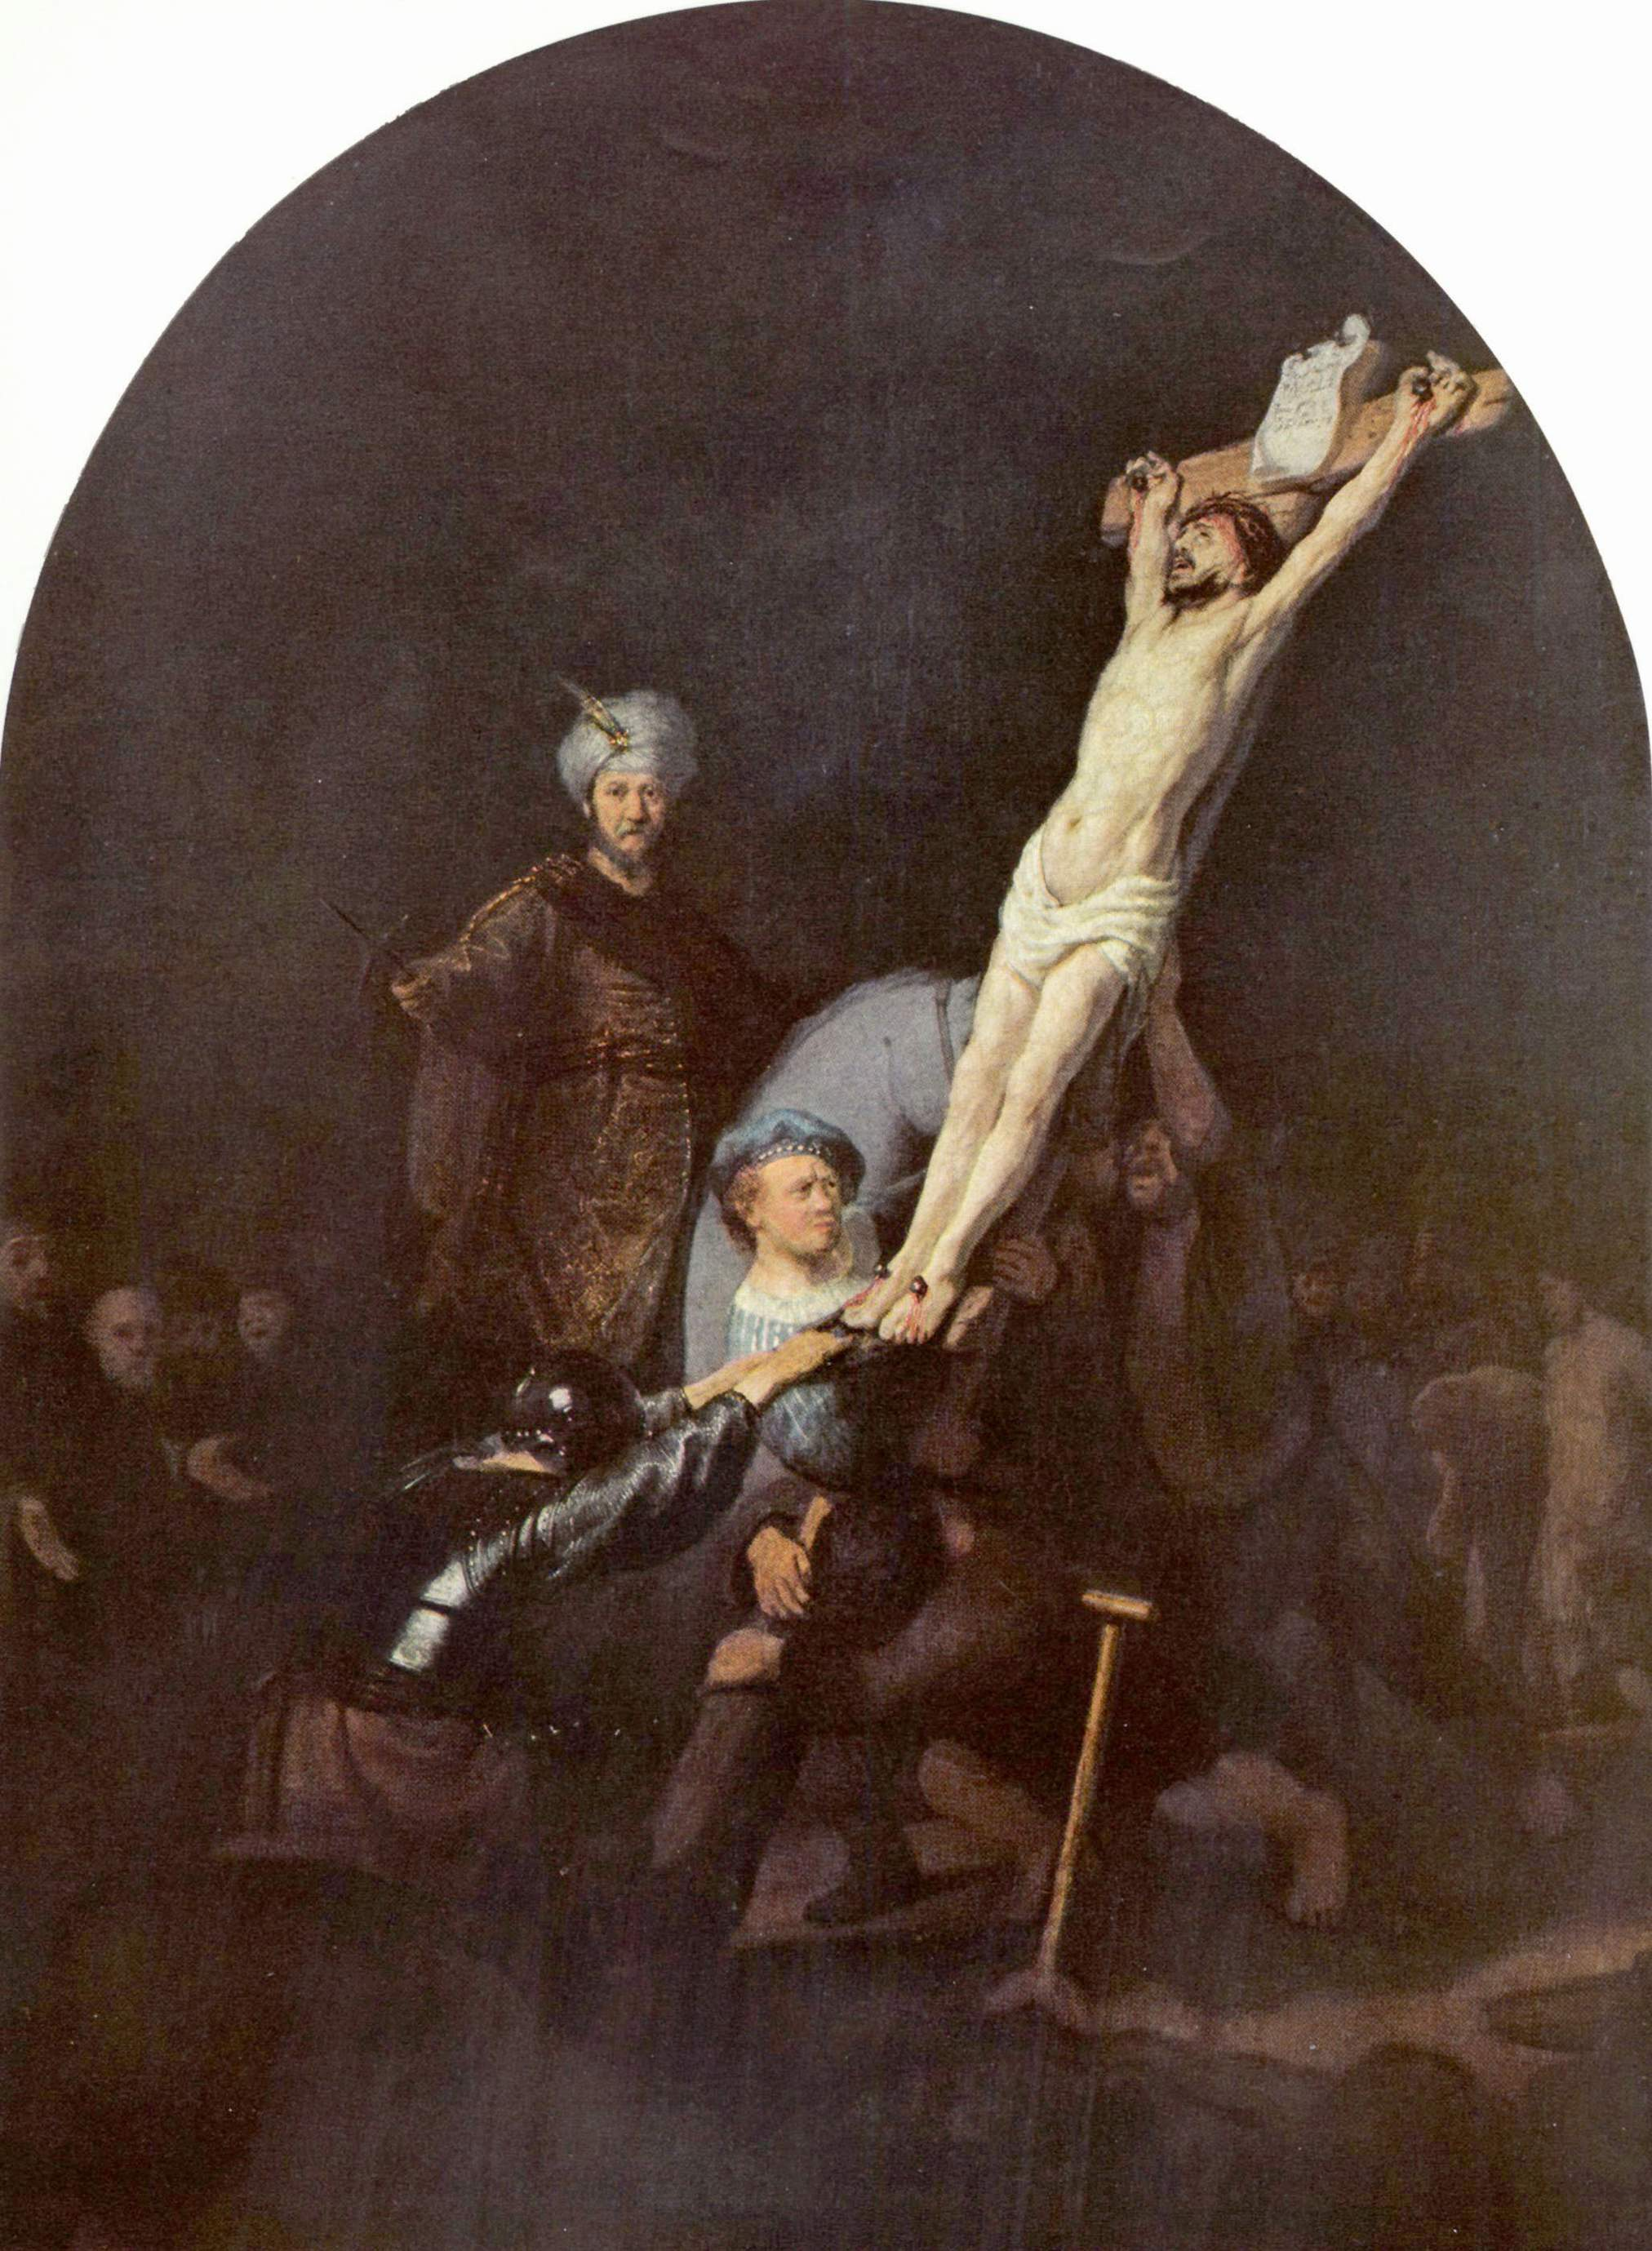 1633, La erección de la Cruz de Rembrandt van Rijn en la Alte Pinakothec, Bayerische Syaatsgemaldesammlingen (Munich)